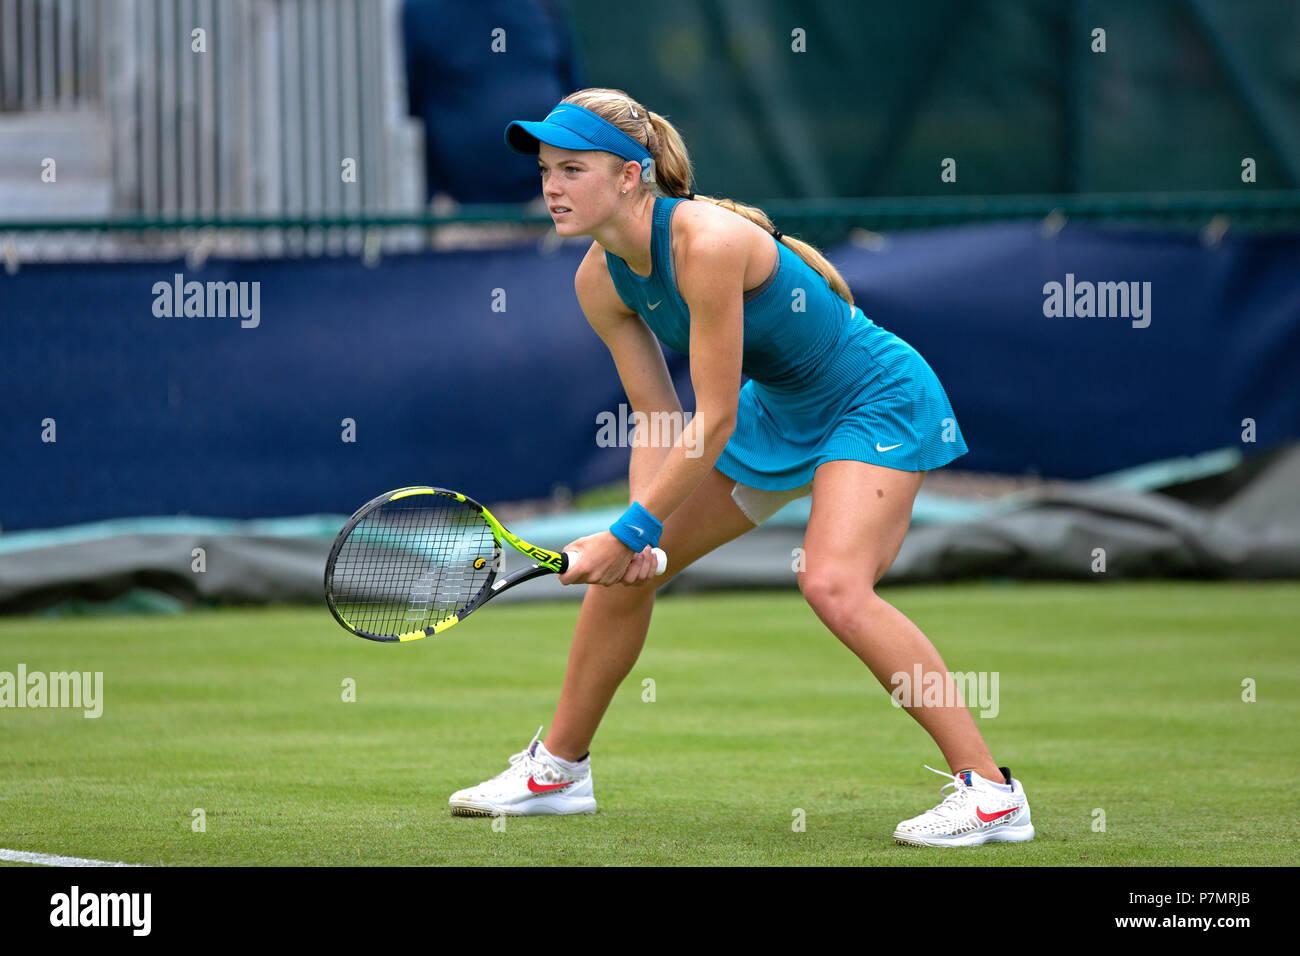 Un tenista profesional (Katie Swan) colocada en la posición de lista durante un partido. Está a la espera de un cisne sirven de su oponente. Foto de stock